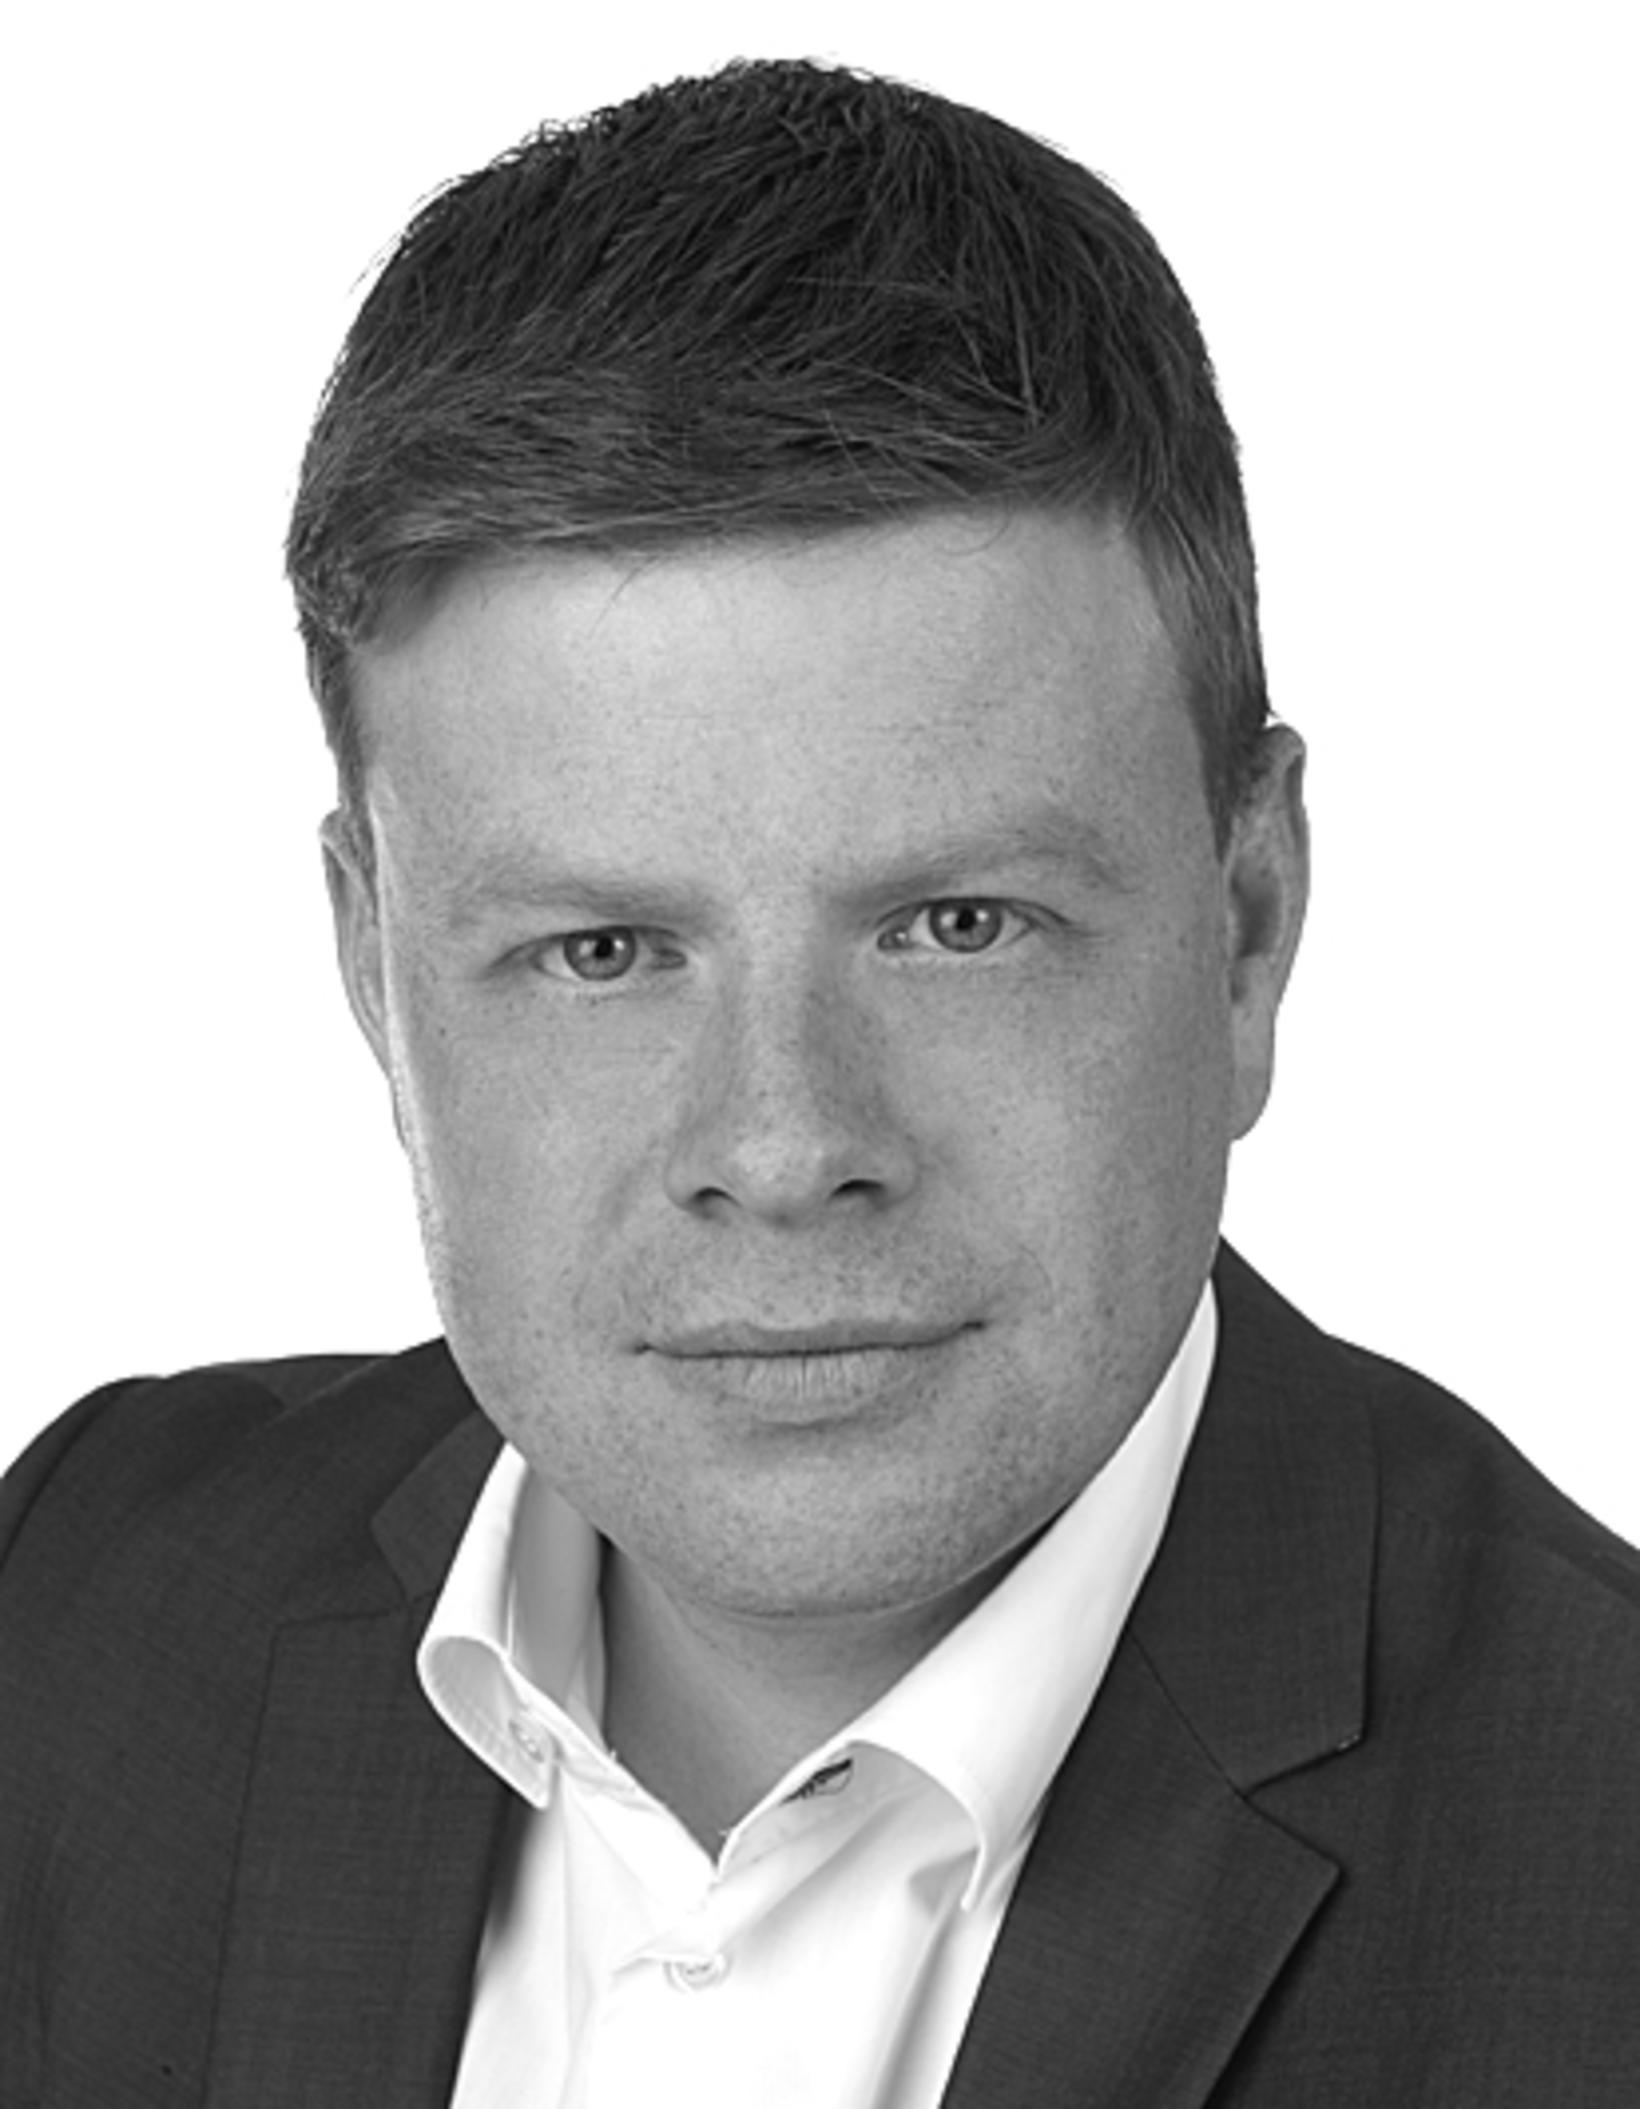 Jón Þorsteinn Oddleifsson hefur verið ráðinn framkvæmdarstjóri fjármála- og mannauðssviðs ...